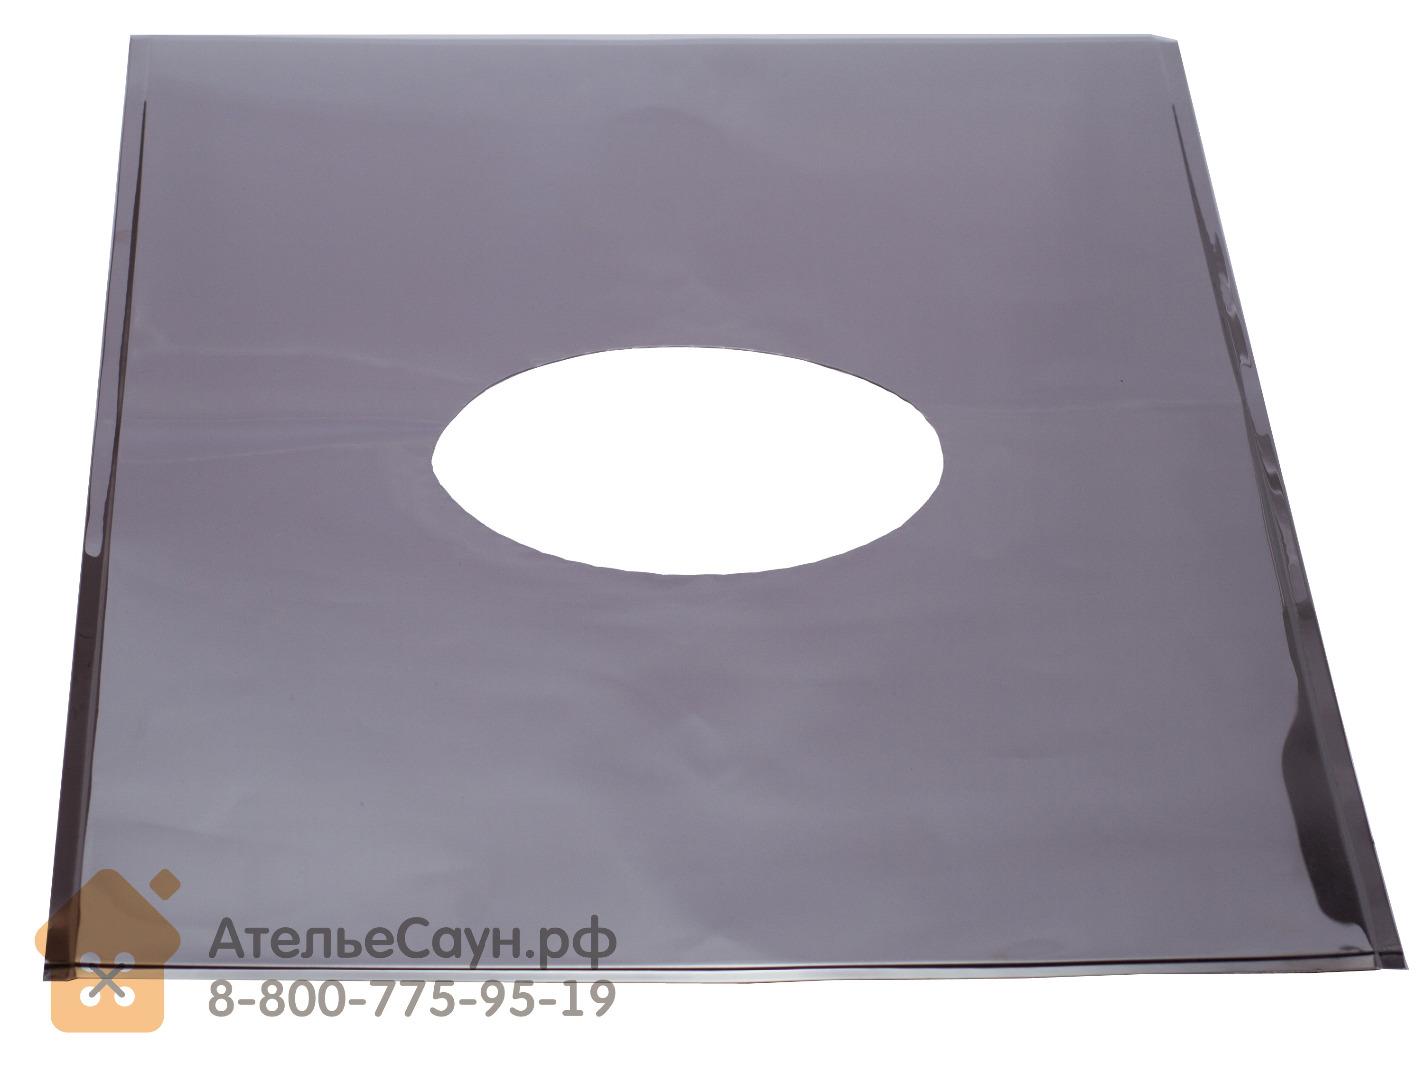 Фланец D215 мм под угол (нерж. 0,5 мм)